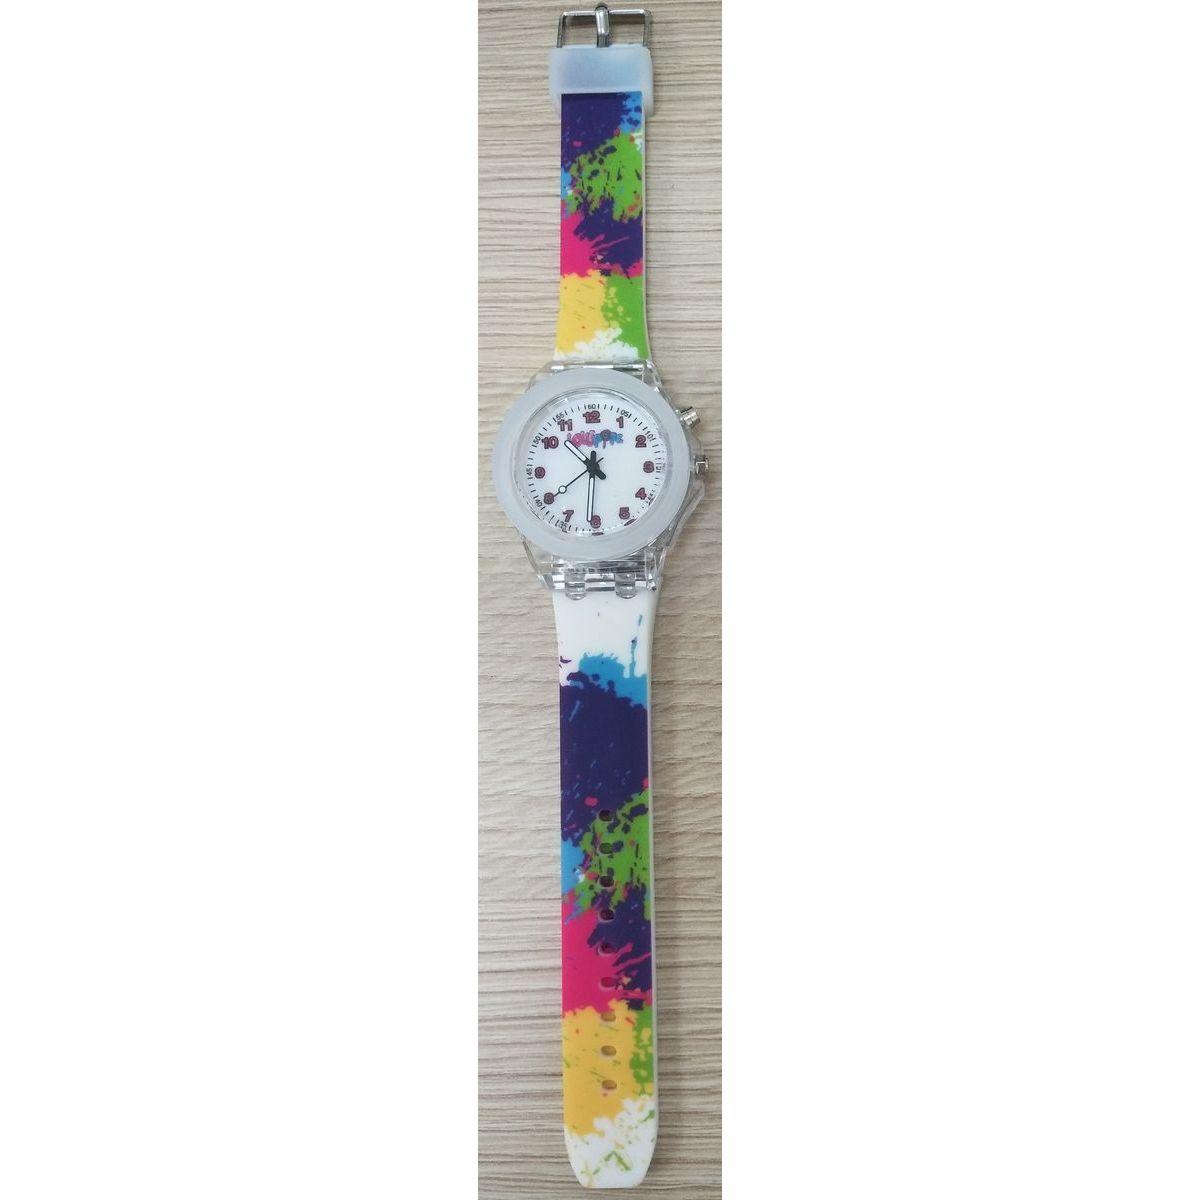 Hodinky Lollipopz s LED světlem barevný pásek